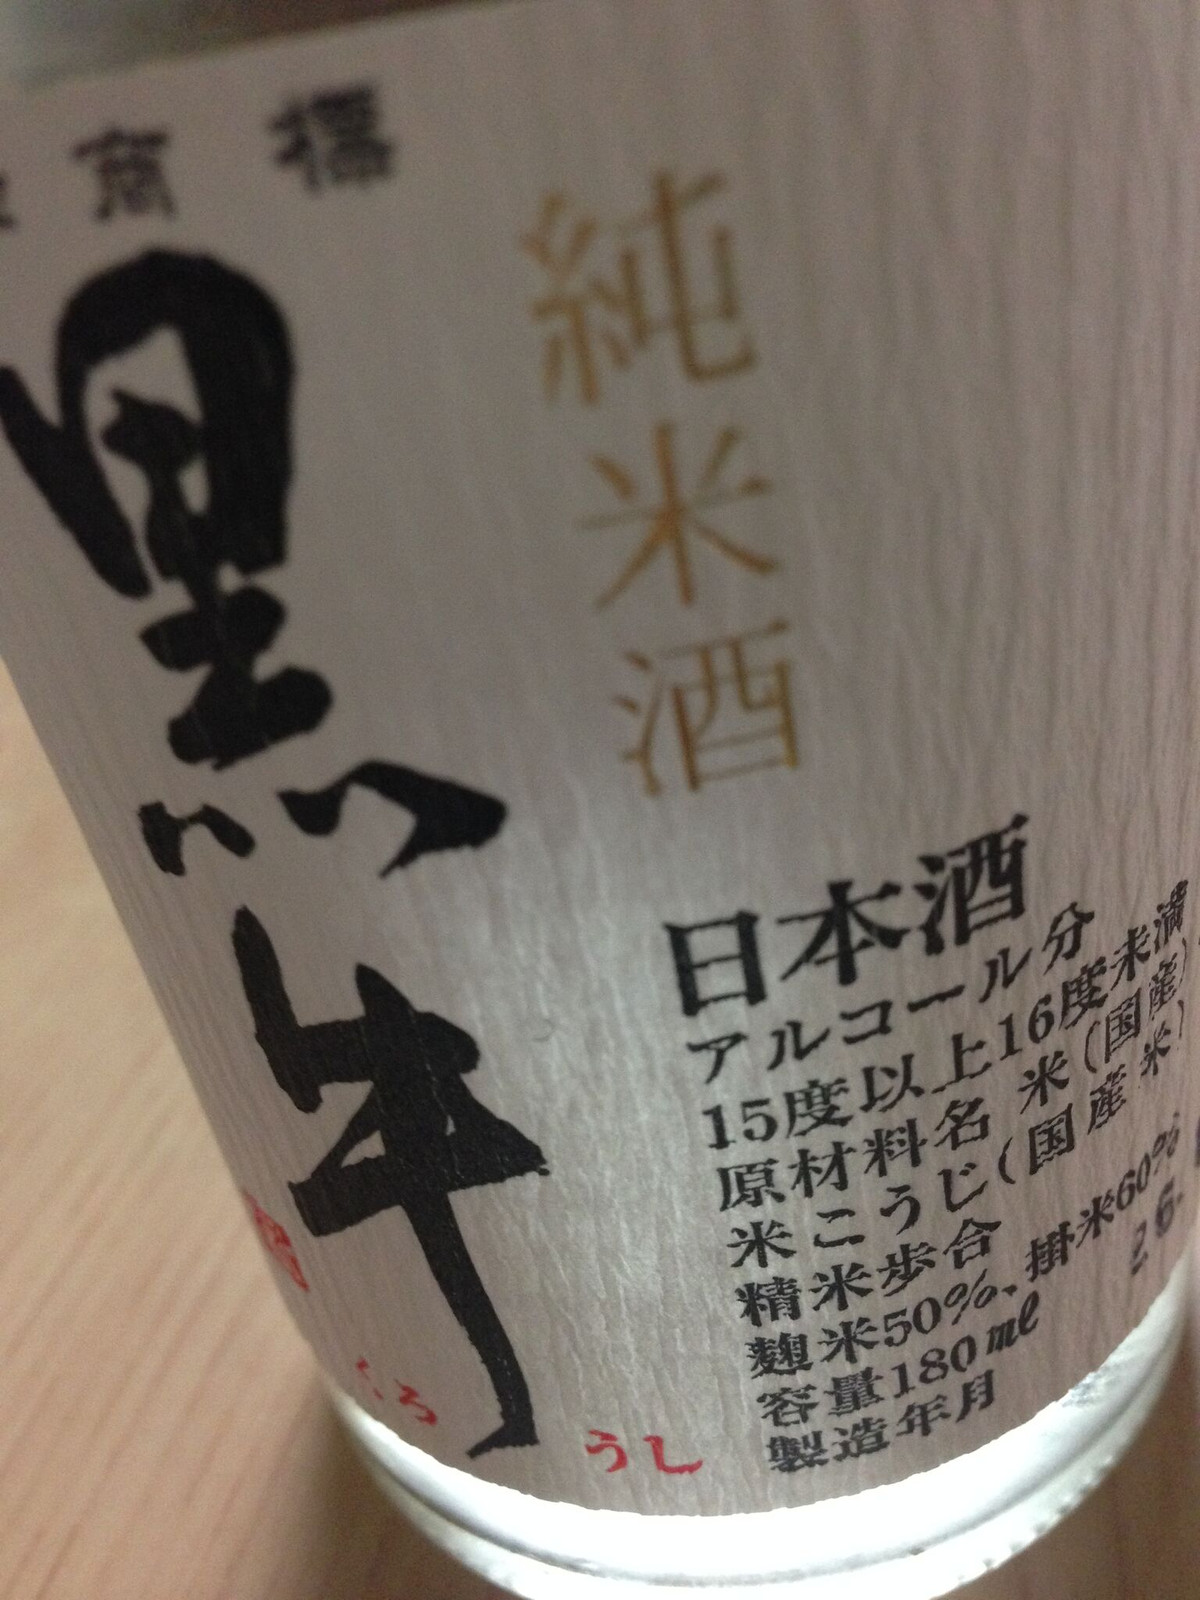 Kuroushi